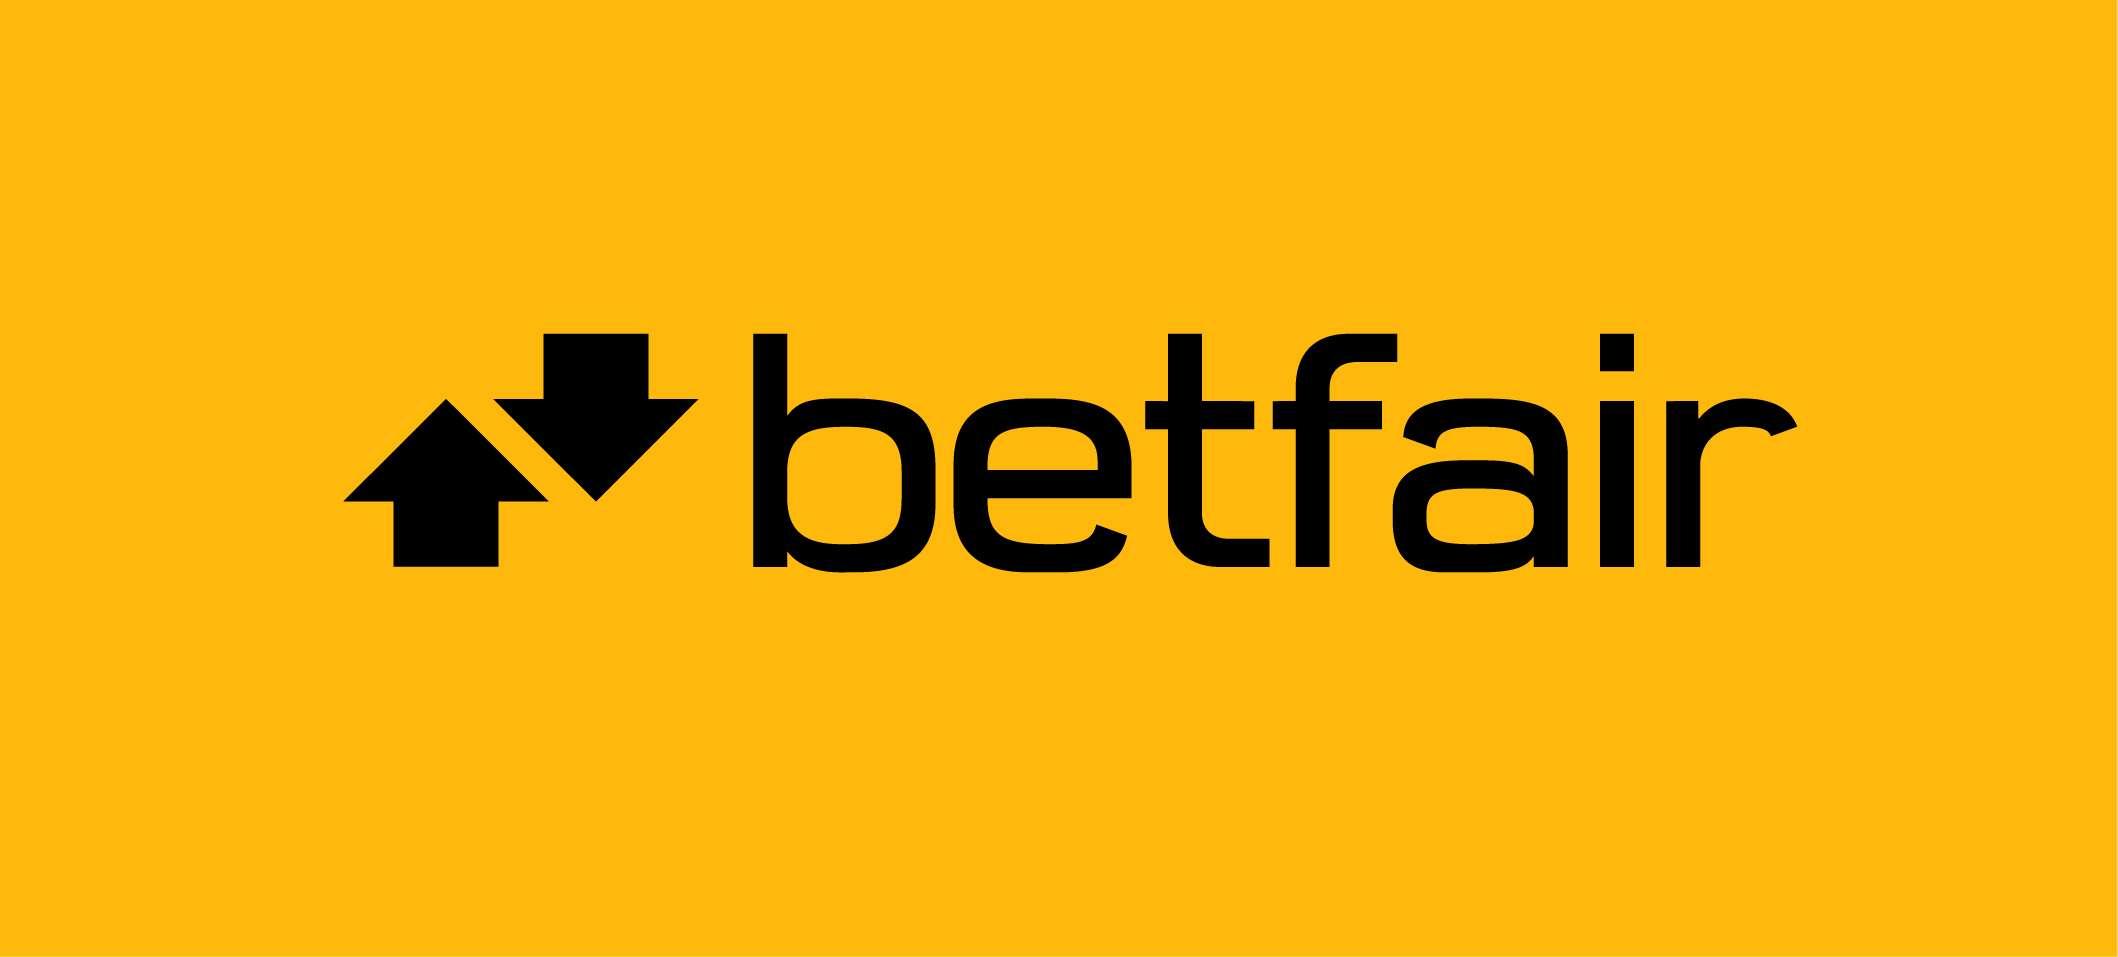 BetFair в България - мнение, оценка и бонус за регистрация 2